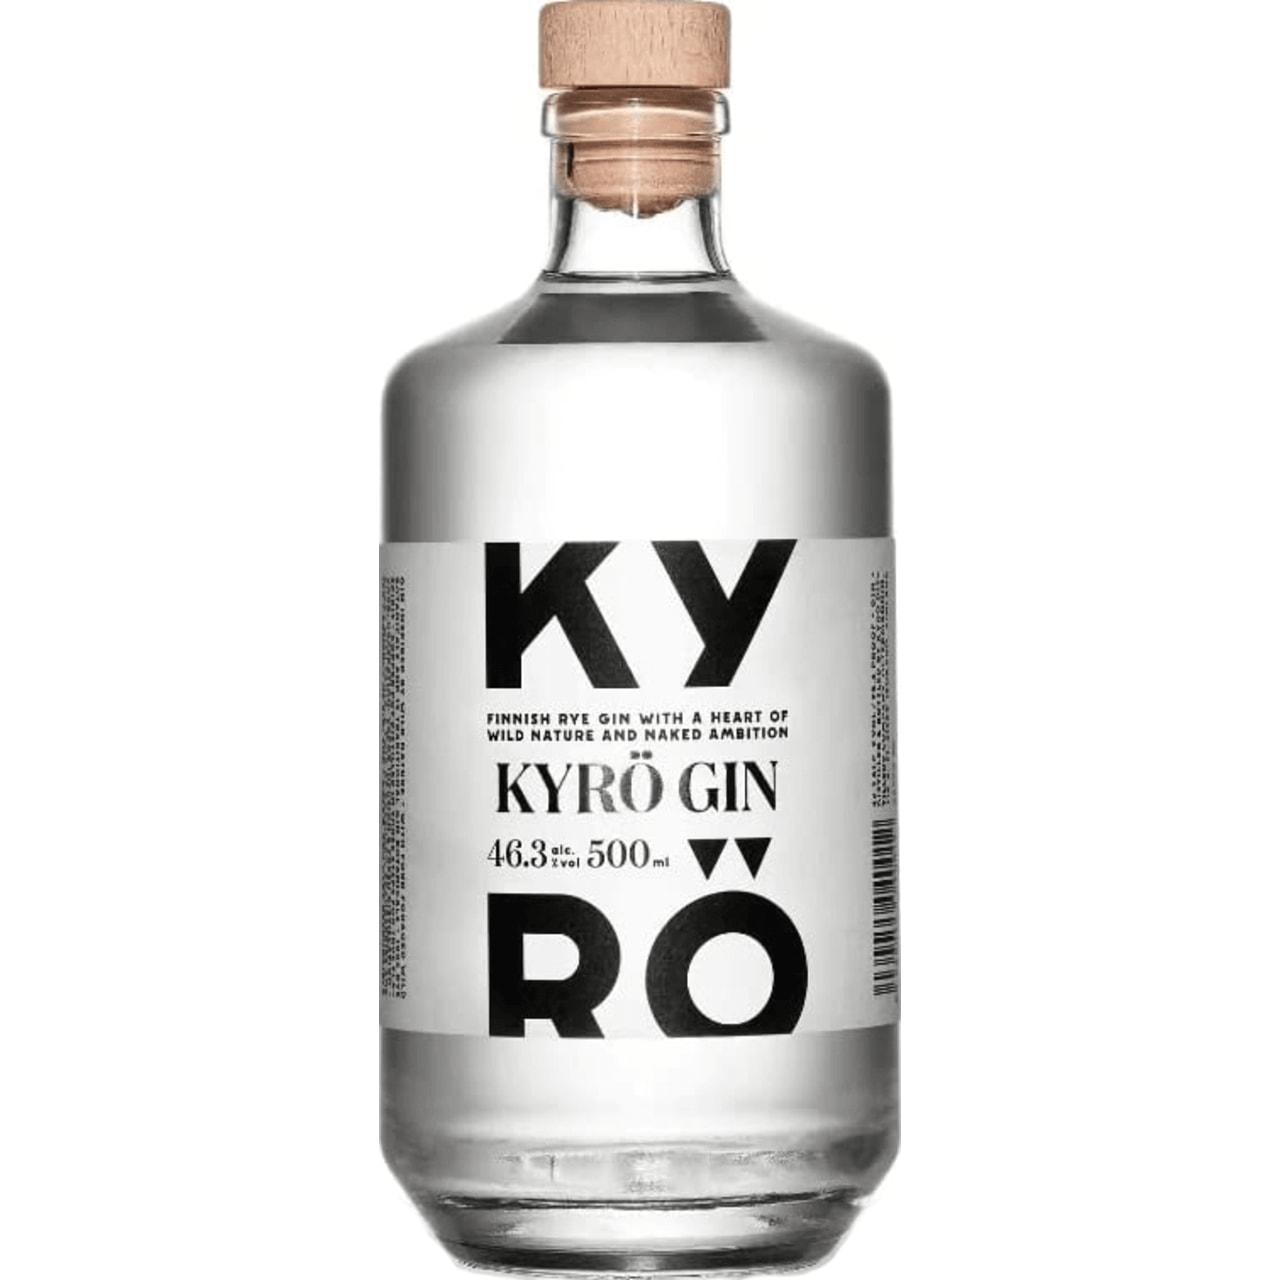 Kyrö Gin